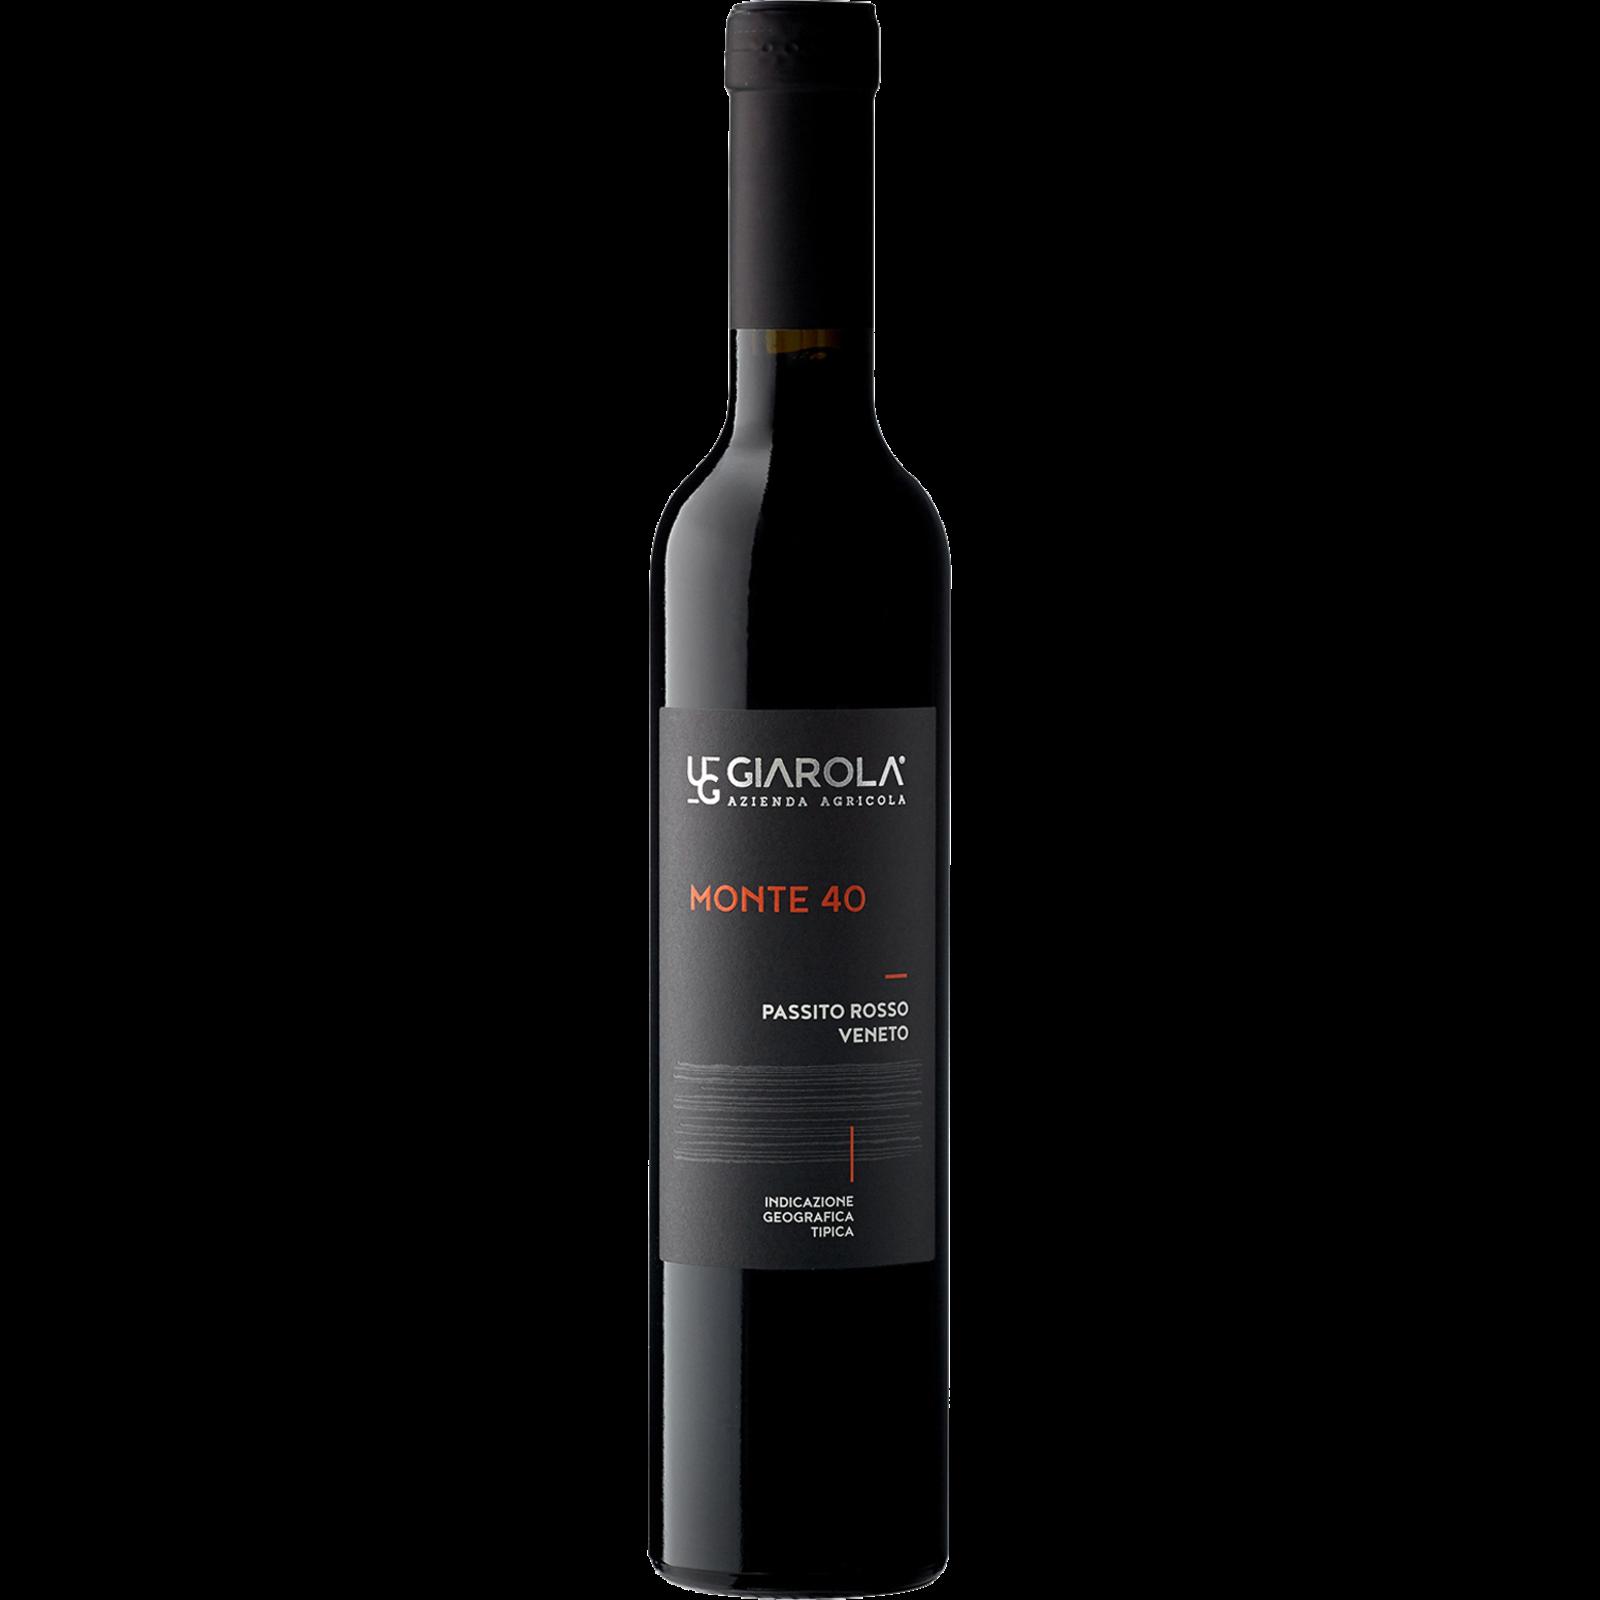 Vini Giarola Giarola Monte 40 Passito Rosso 2015